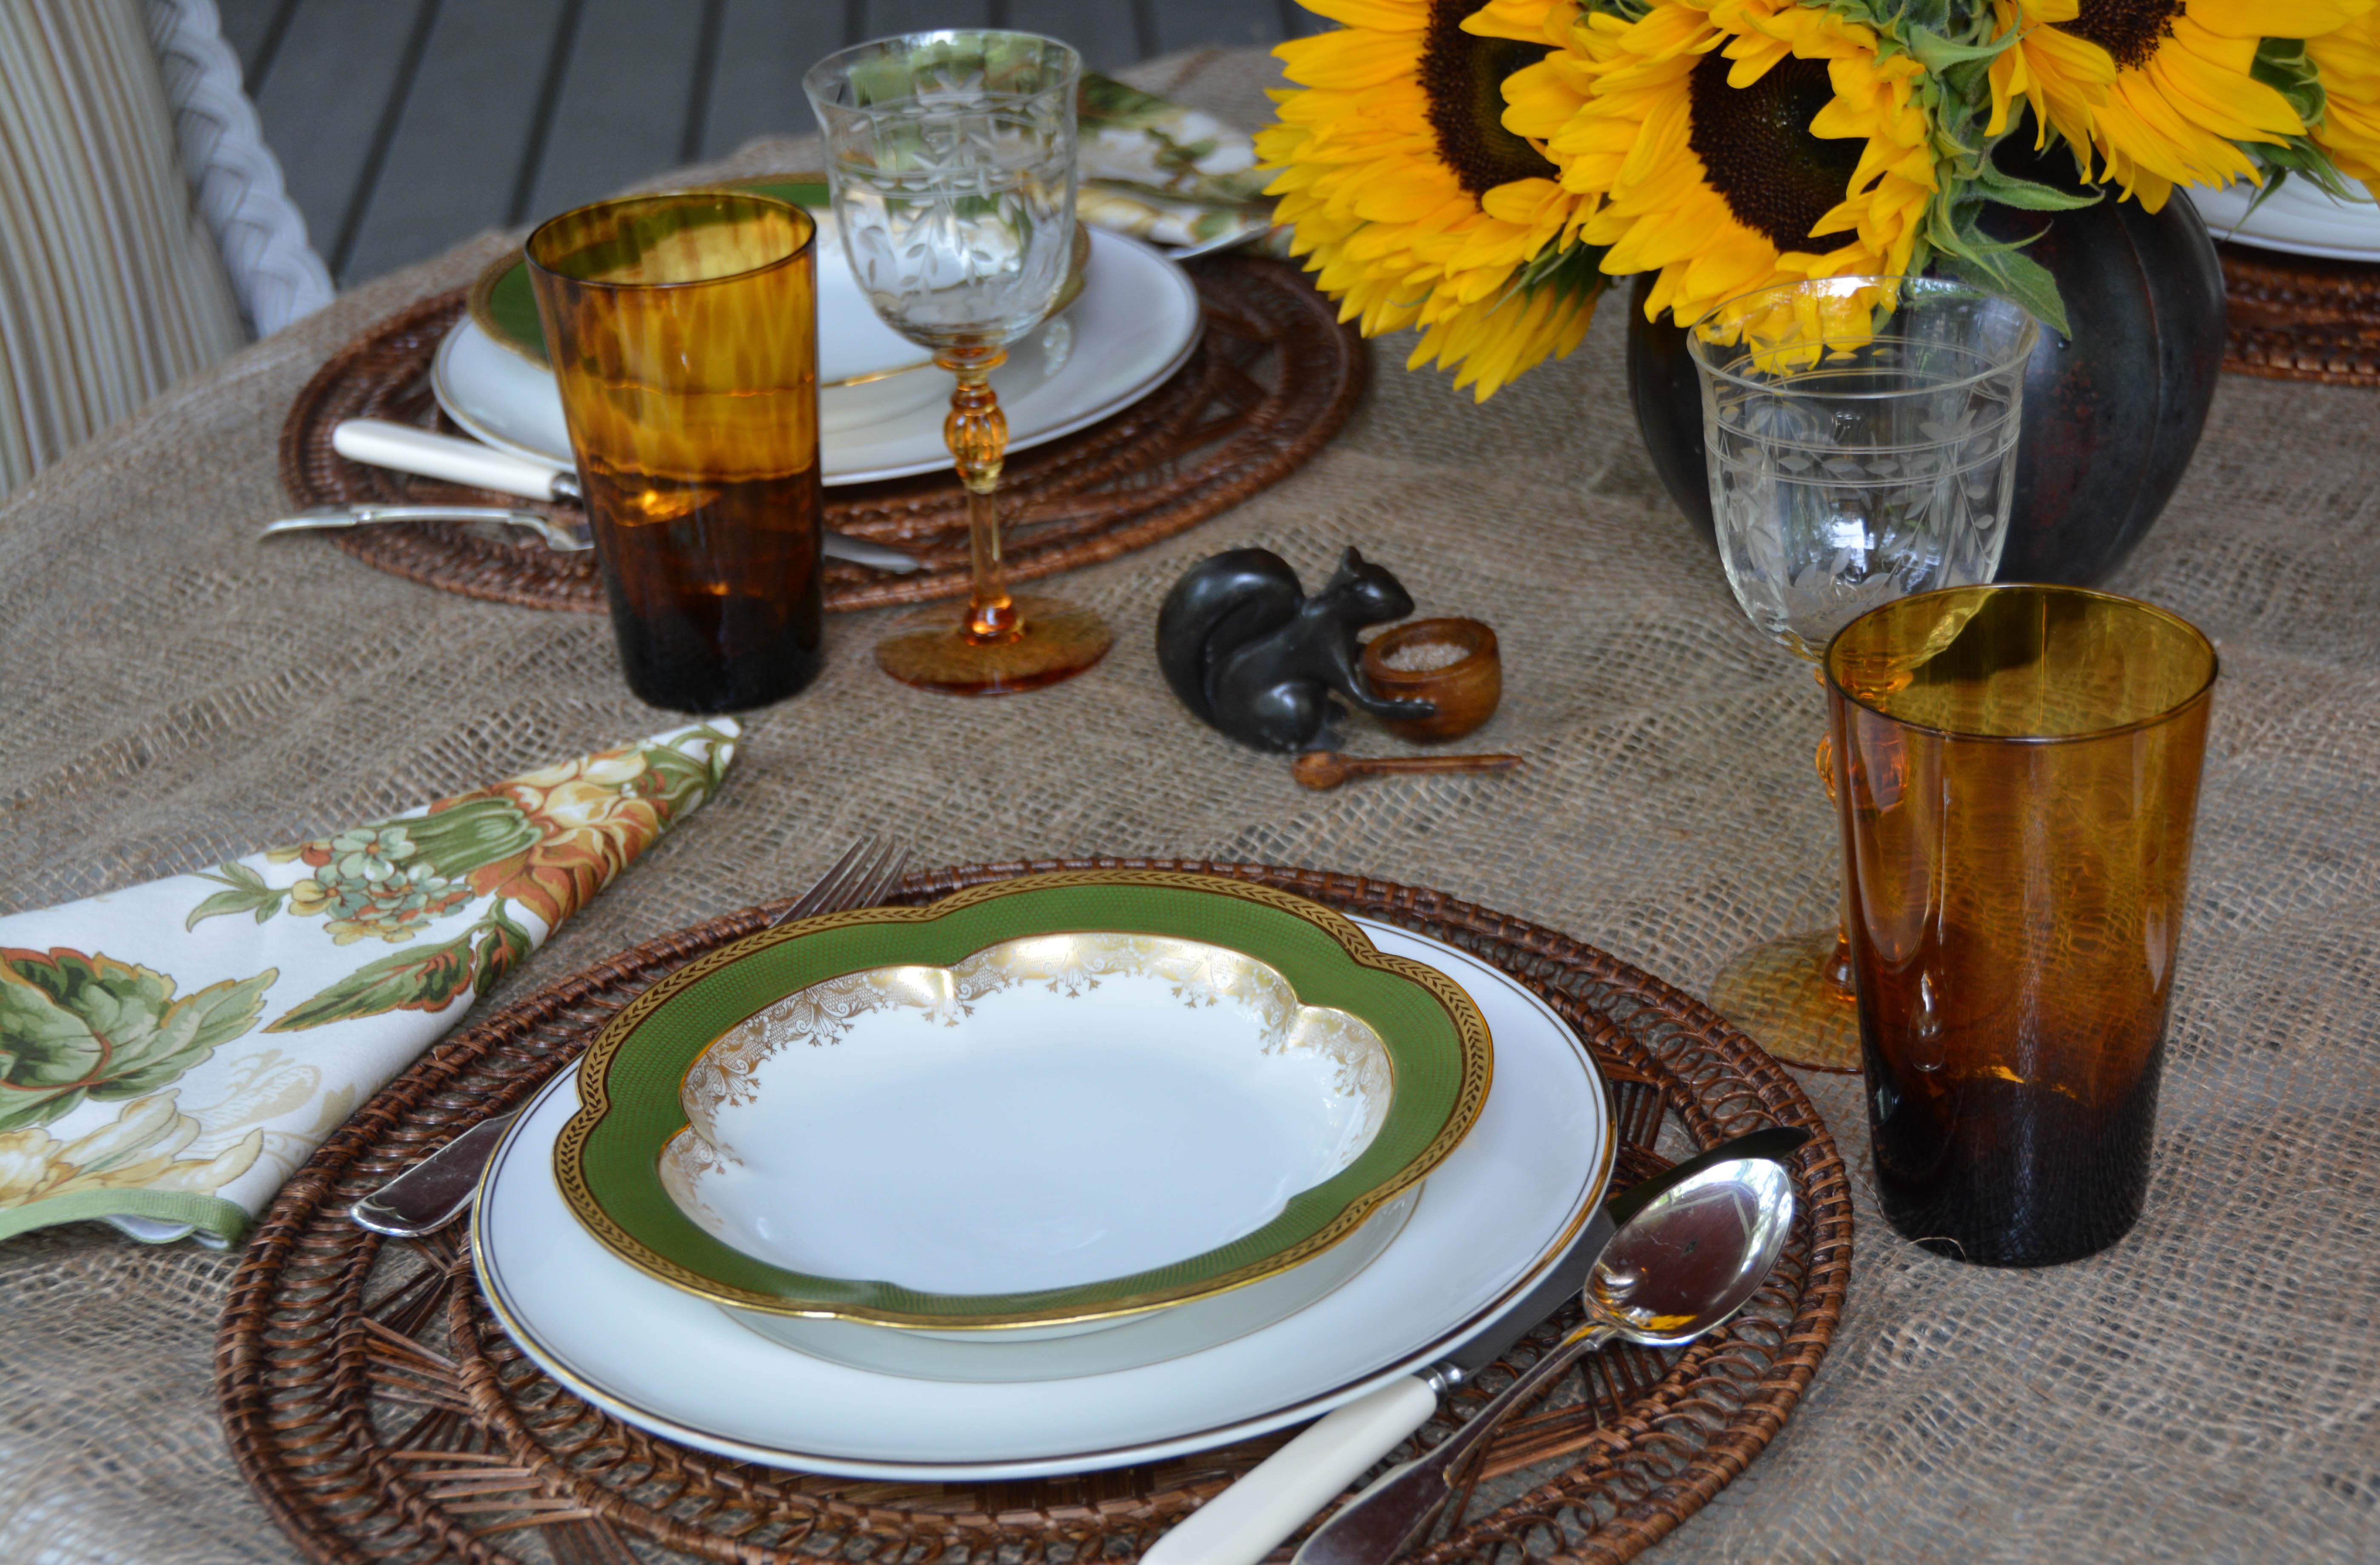 GreenScallopedBowlsTortoiseSunflowersPorch-8976